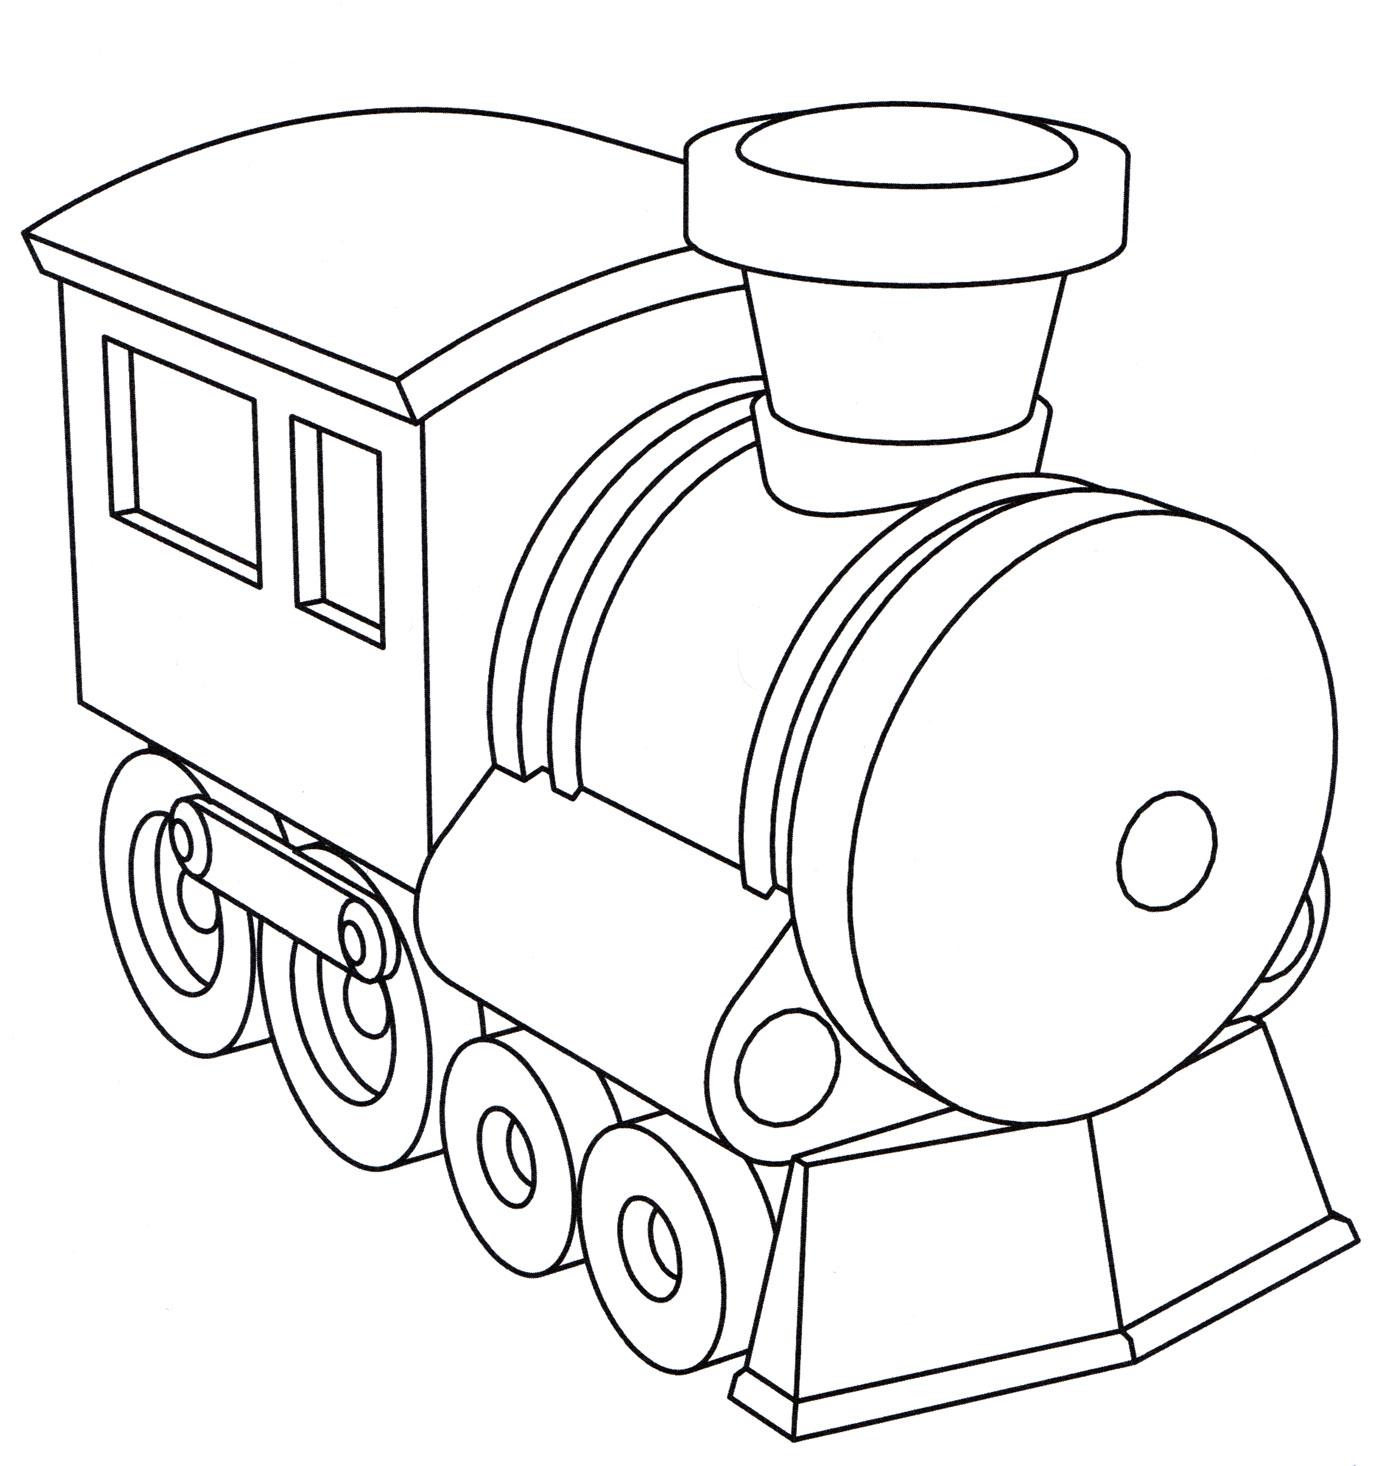 Картинка паровозика для детей раскраска